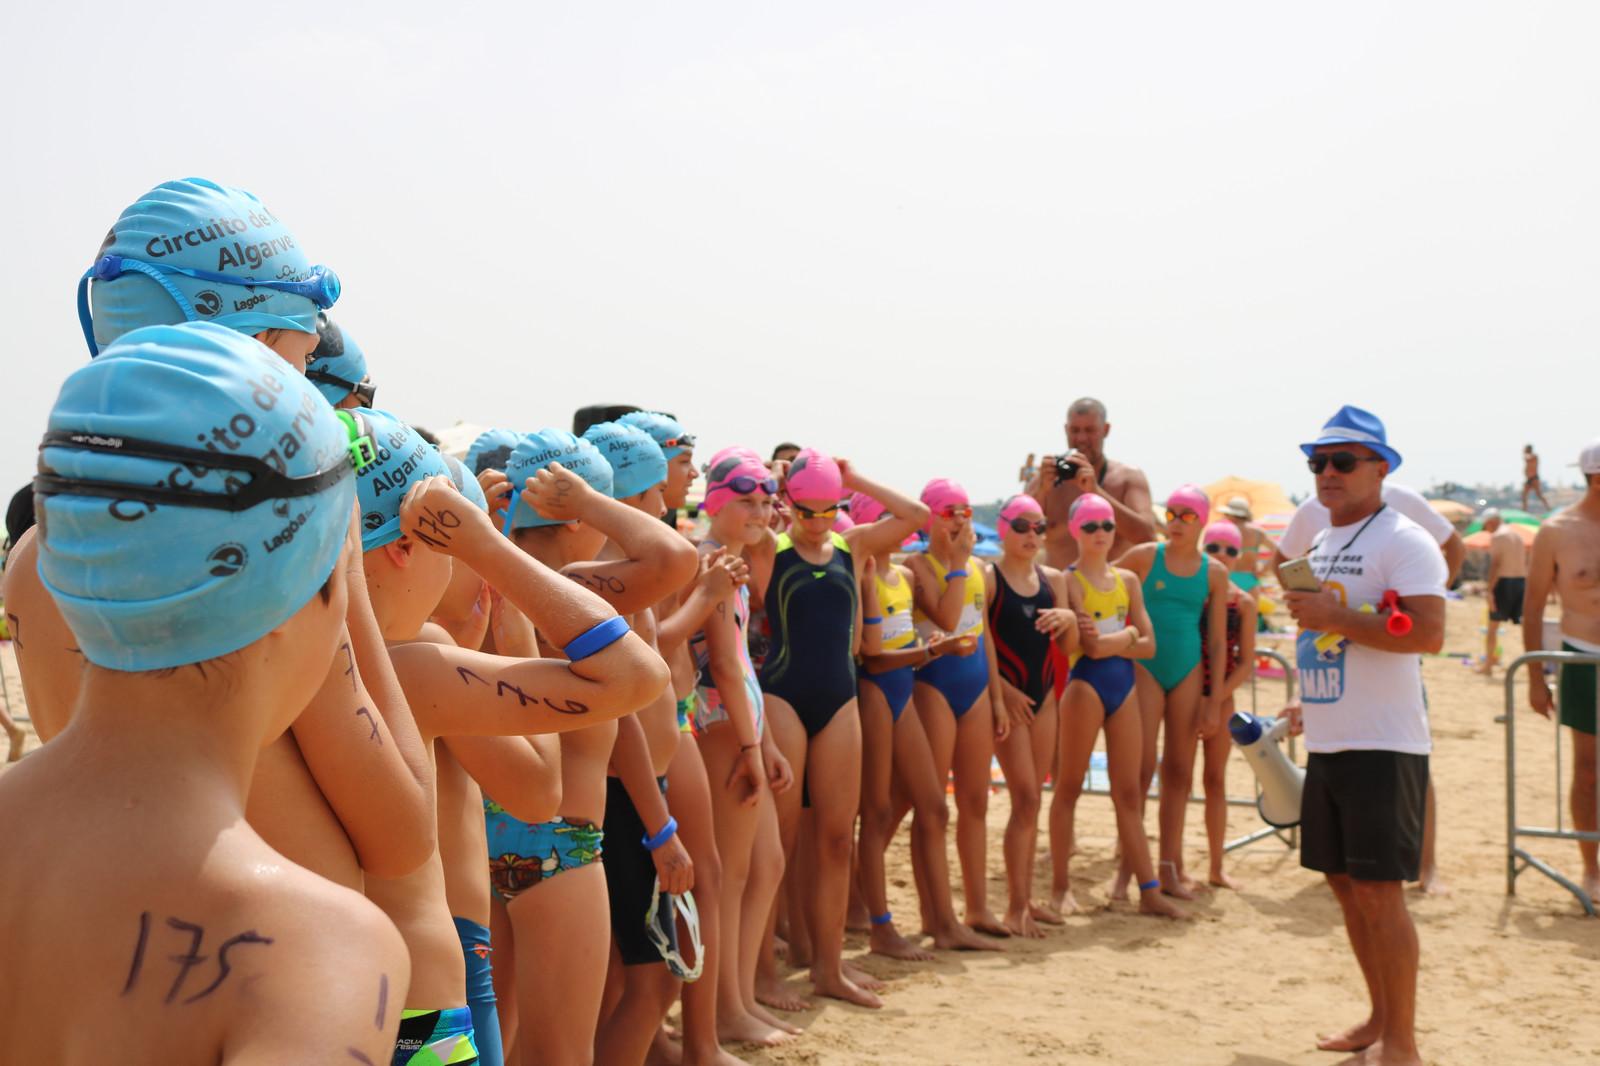 Circuito Algarve : Ata associação de turismo do algarvev de v sports autódromo